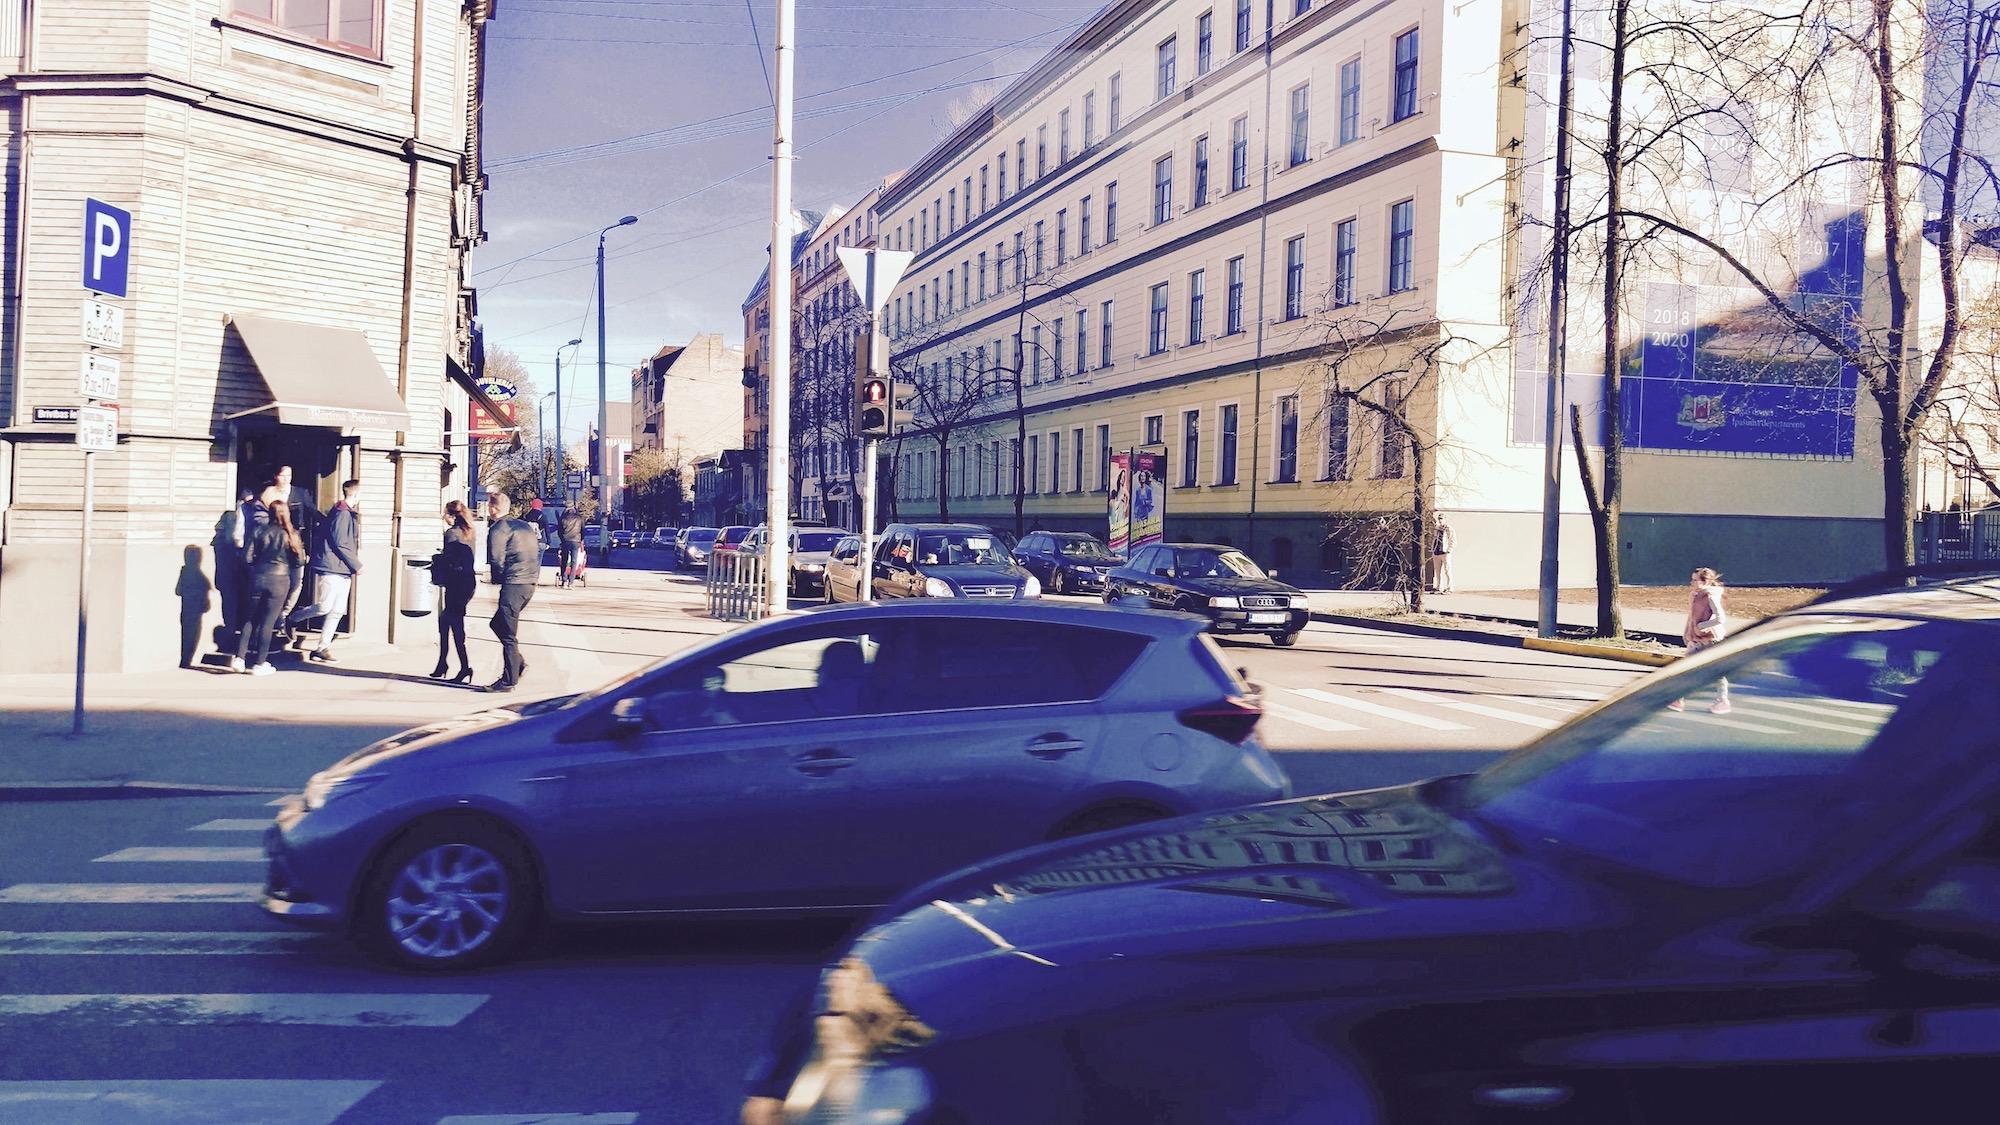 Crossroads between Stabu and Brīvības street